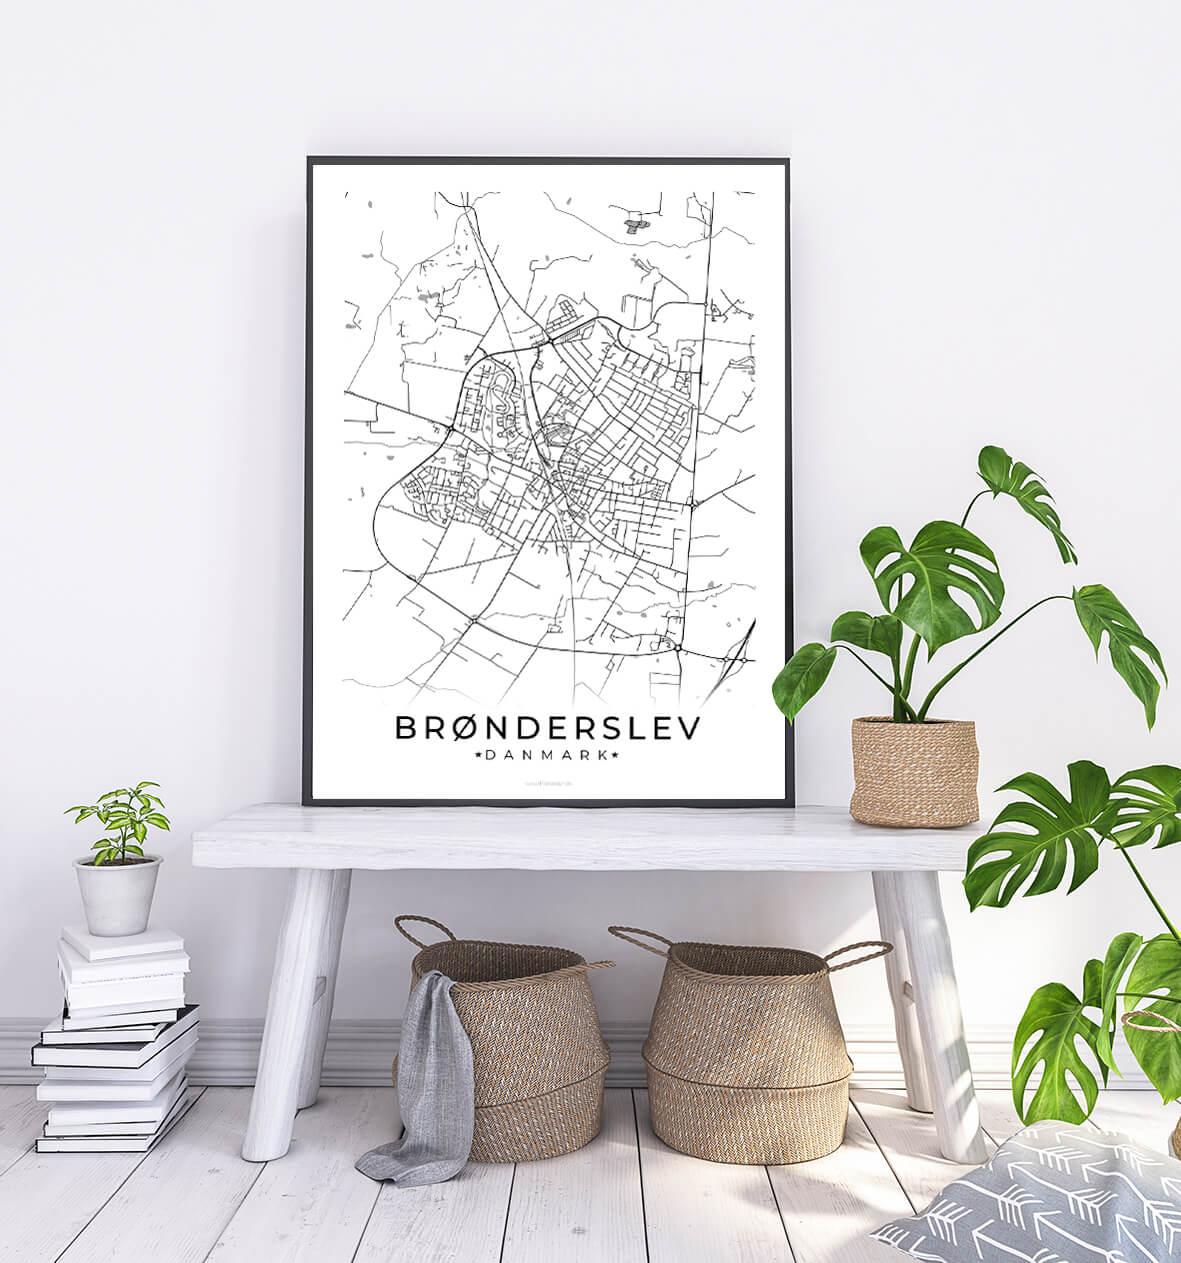 Broenderslev-hvid-byplakat-1